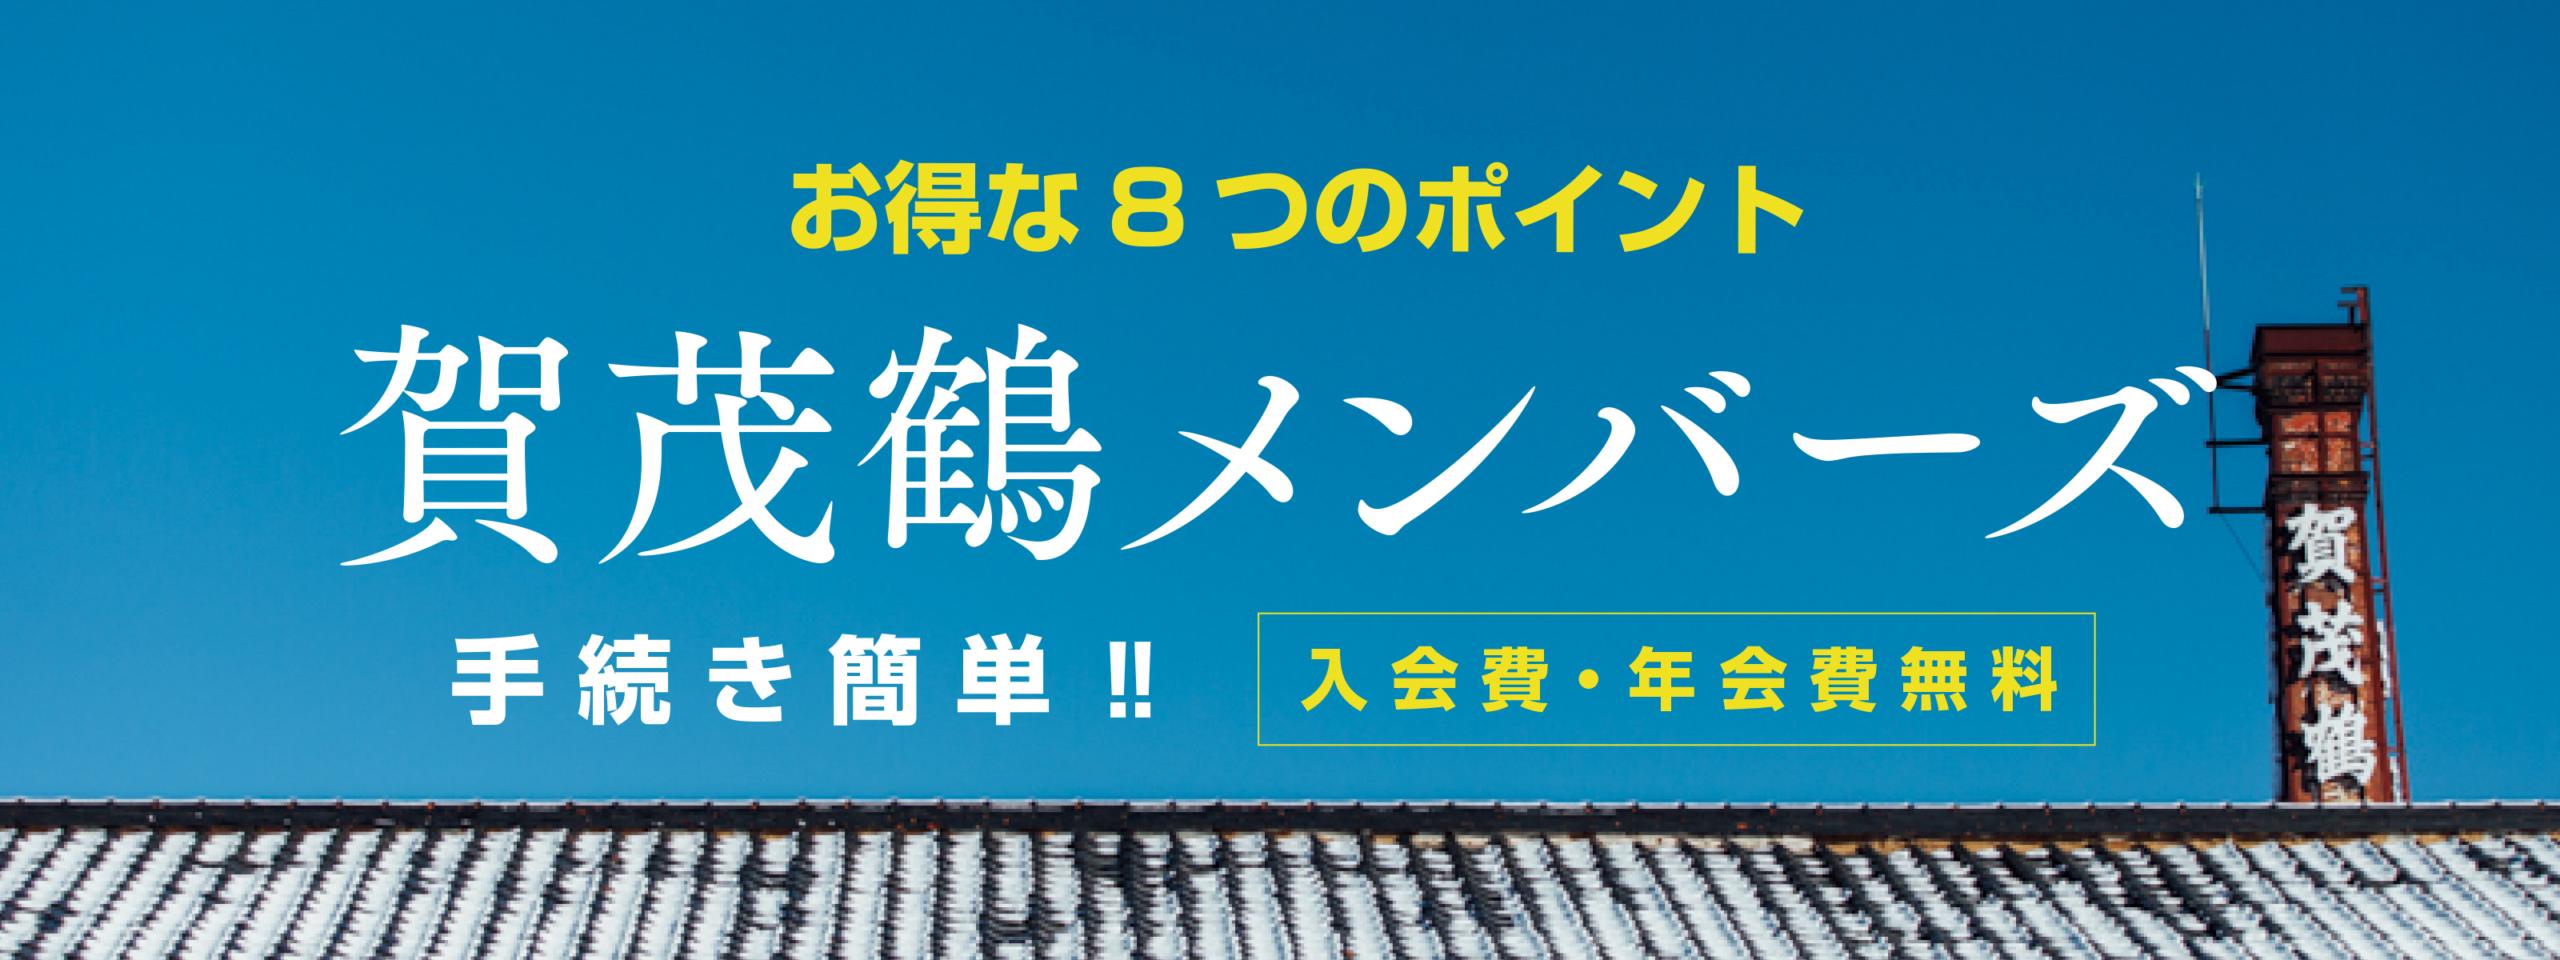 賀茂鶴メンバーズ 8つの特典